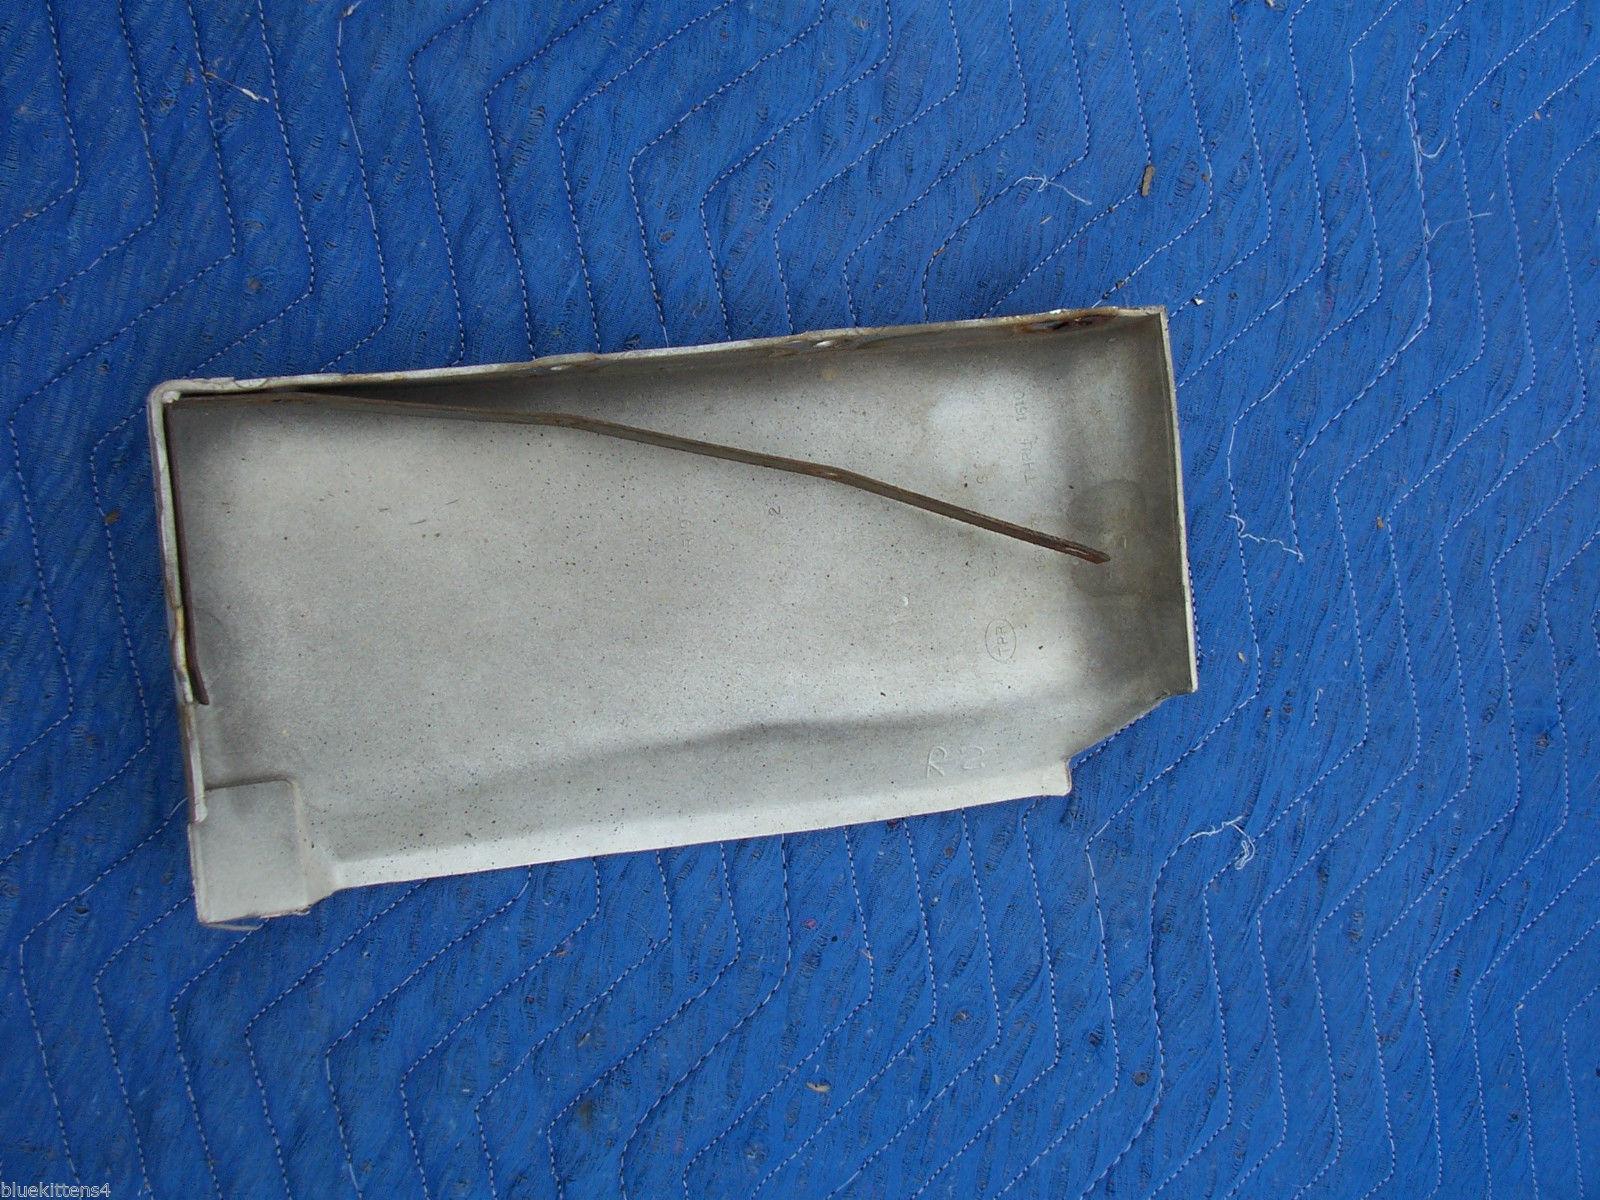 1977 DEVILLE FLEETWOOD RIGHT FRONT FILLER PANEL FENDER EXTENSION OEM USED ORIG image 6